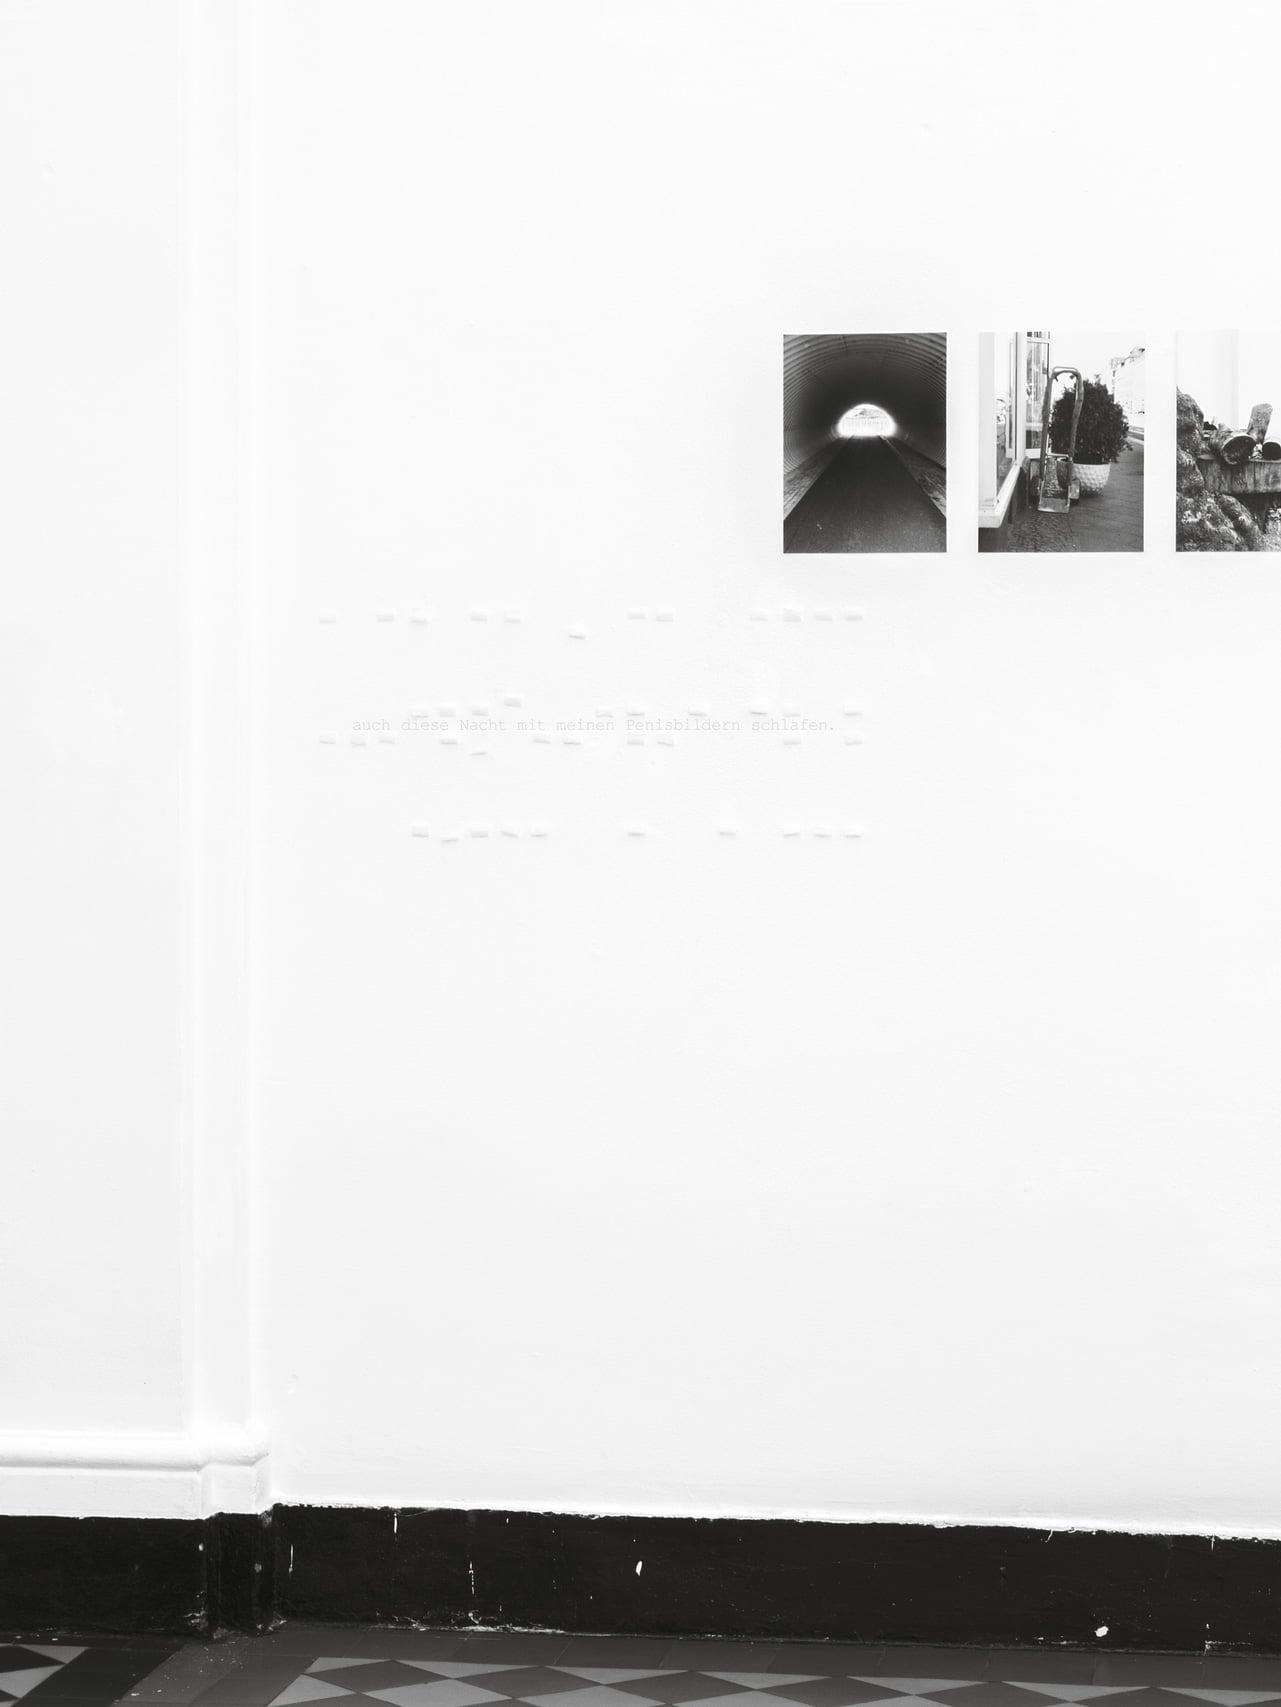 Hayahisa Tomiyasu | Abends im Bett / Reaktion 1 und 2, 2015 | 2 Bilder, 60 x 80 cm, Text, Pigment Print